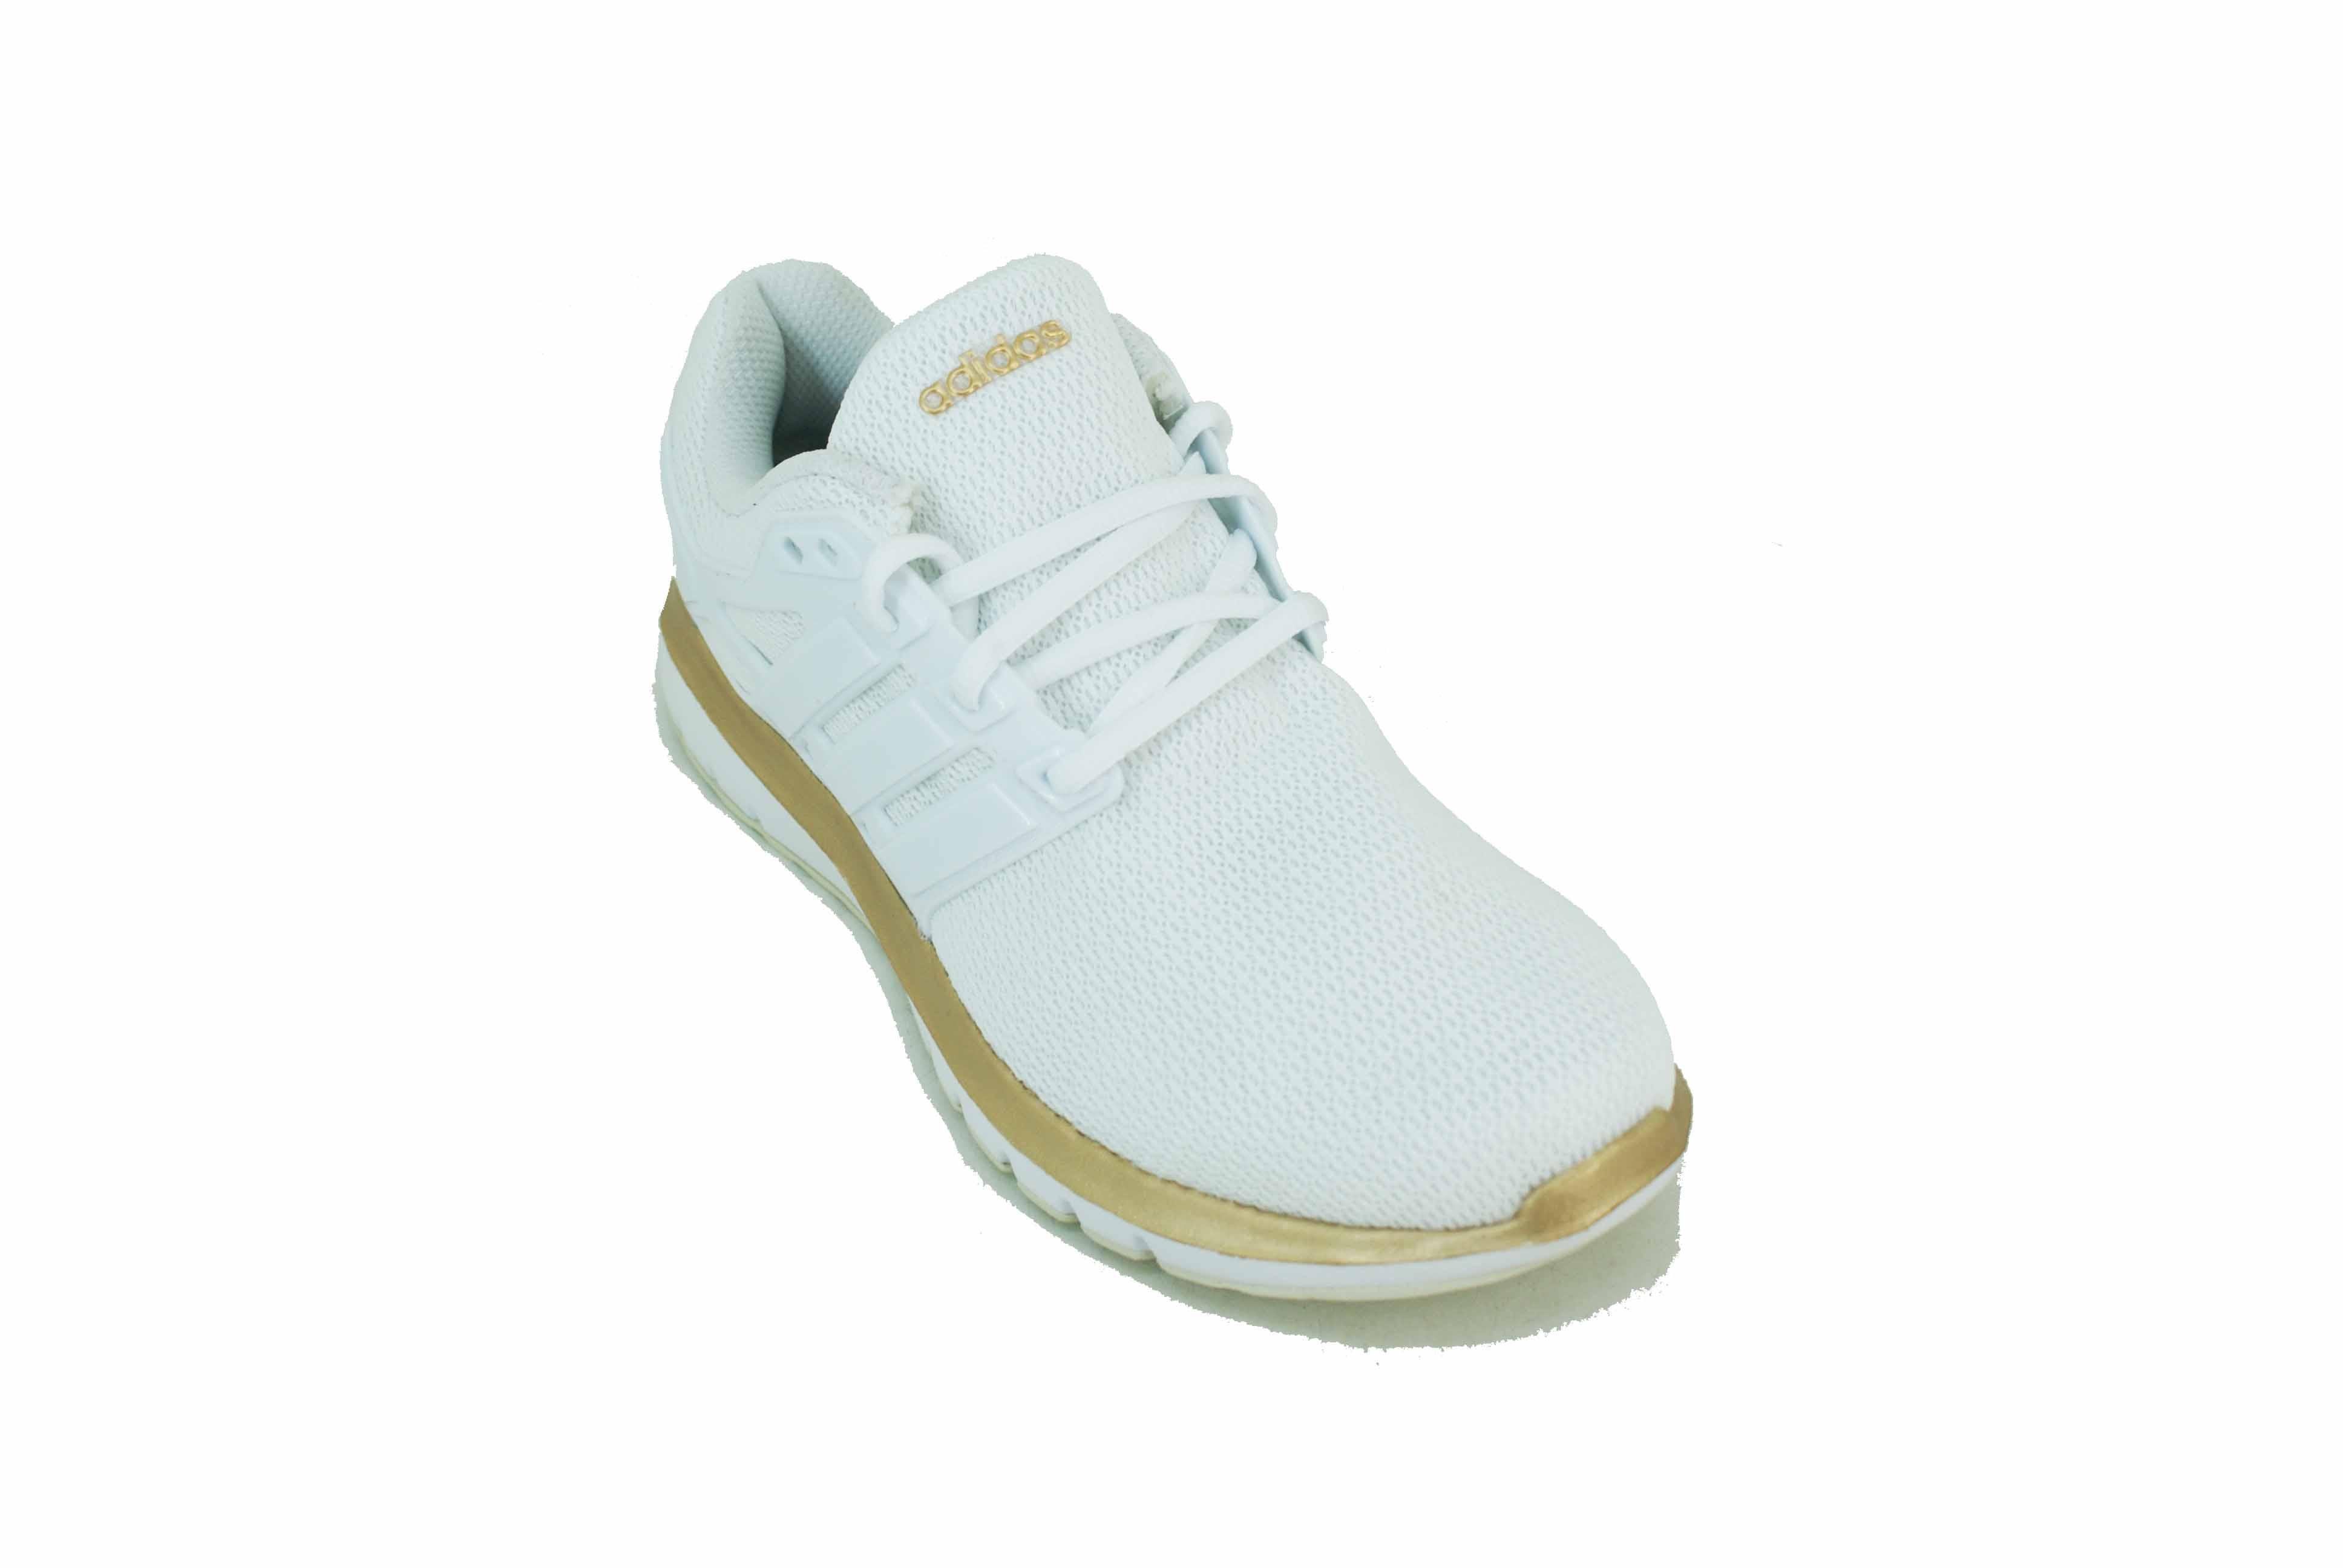 adidas blancas zapatillas mujer